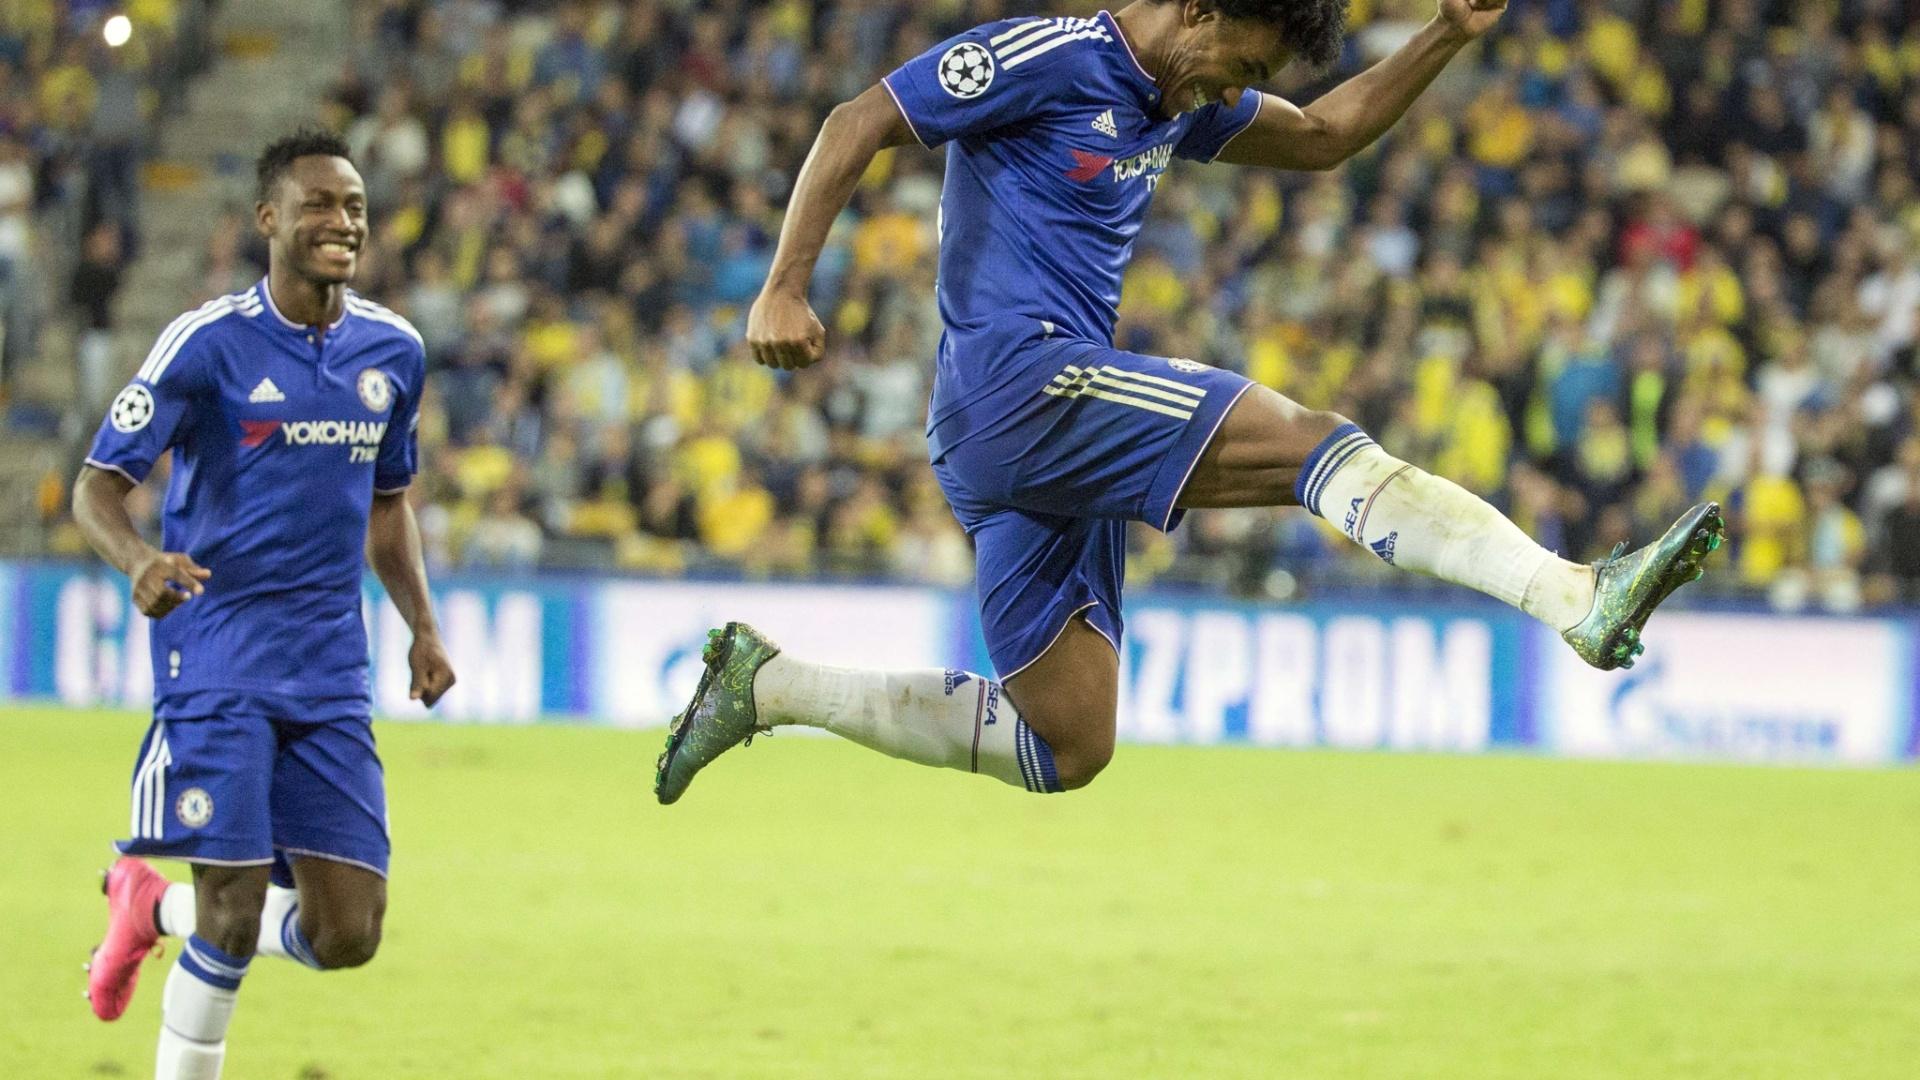 Willian festeja após anotar gol de falta, na vitória do Chelsea sobre o Maccabi Tel Aviv, em Israel